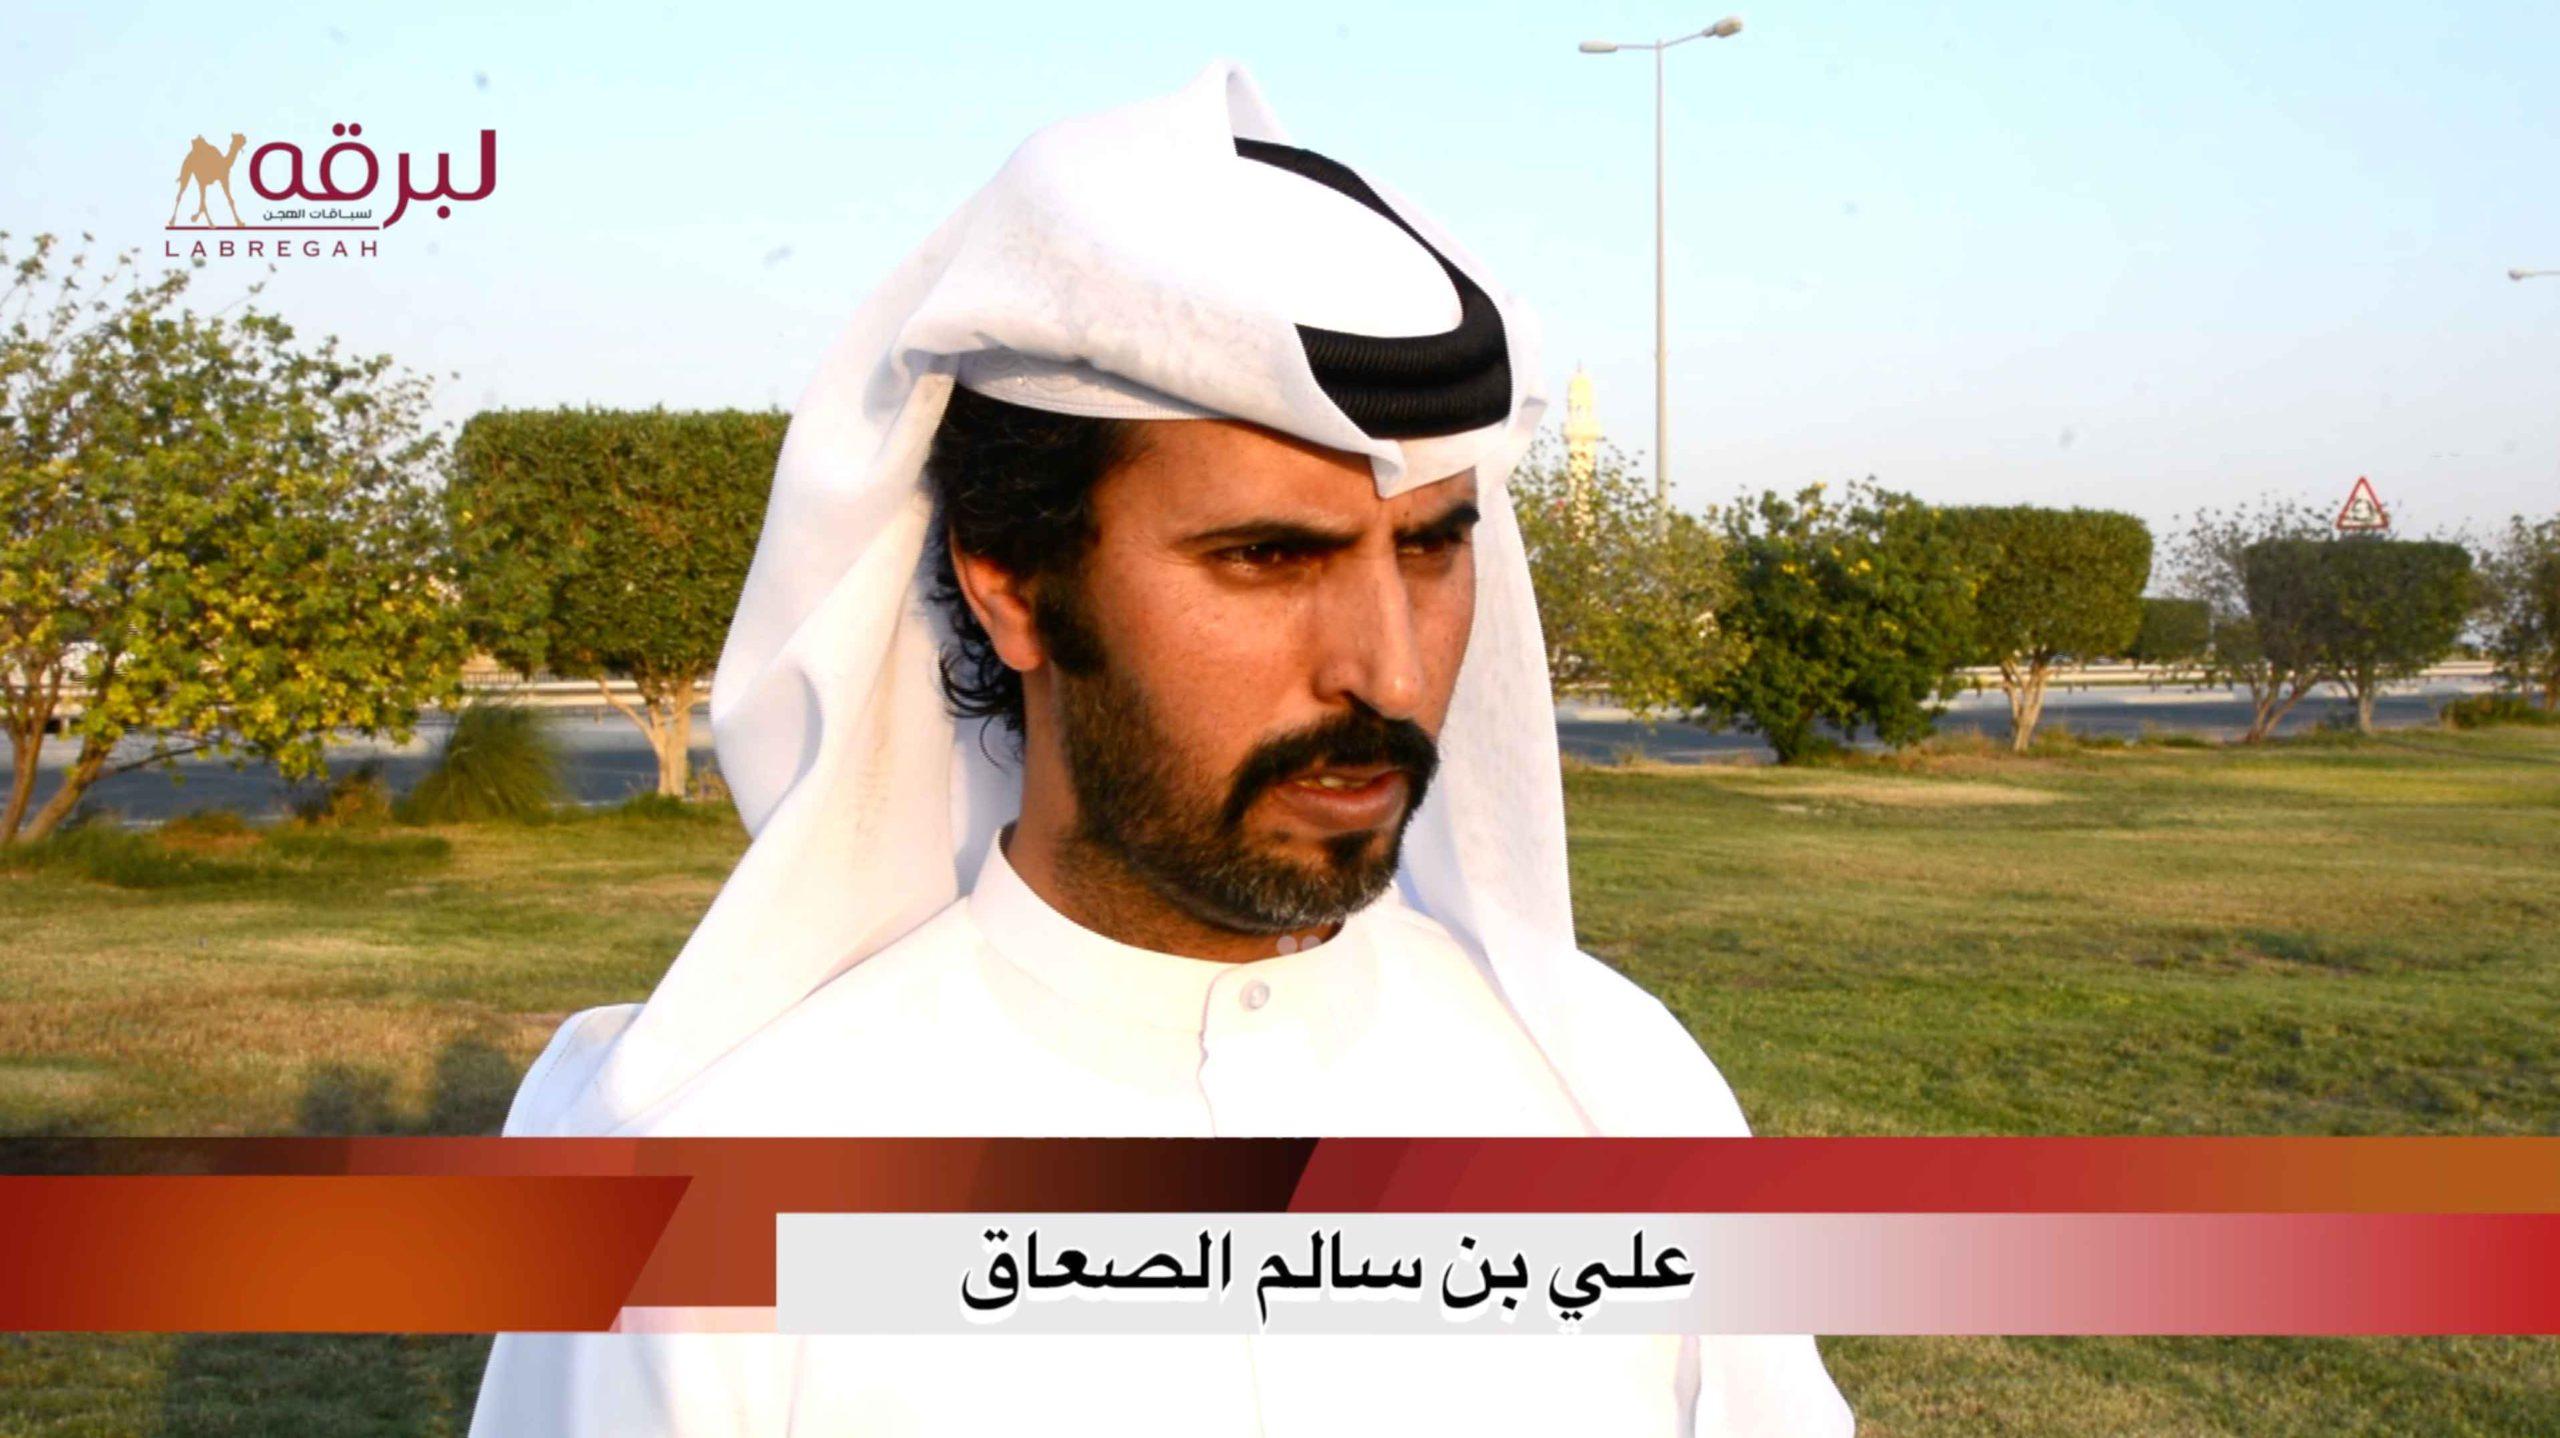 لقاء مع علي بن سالم الصعاق.. الشوط الرئيسي للقايا بكار مفتوح الأشواط العامة مساء ٢٣-١٠-٢٠٢٠